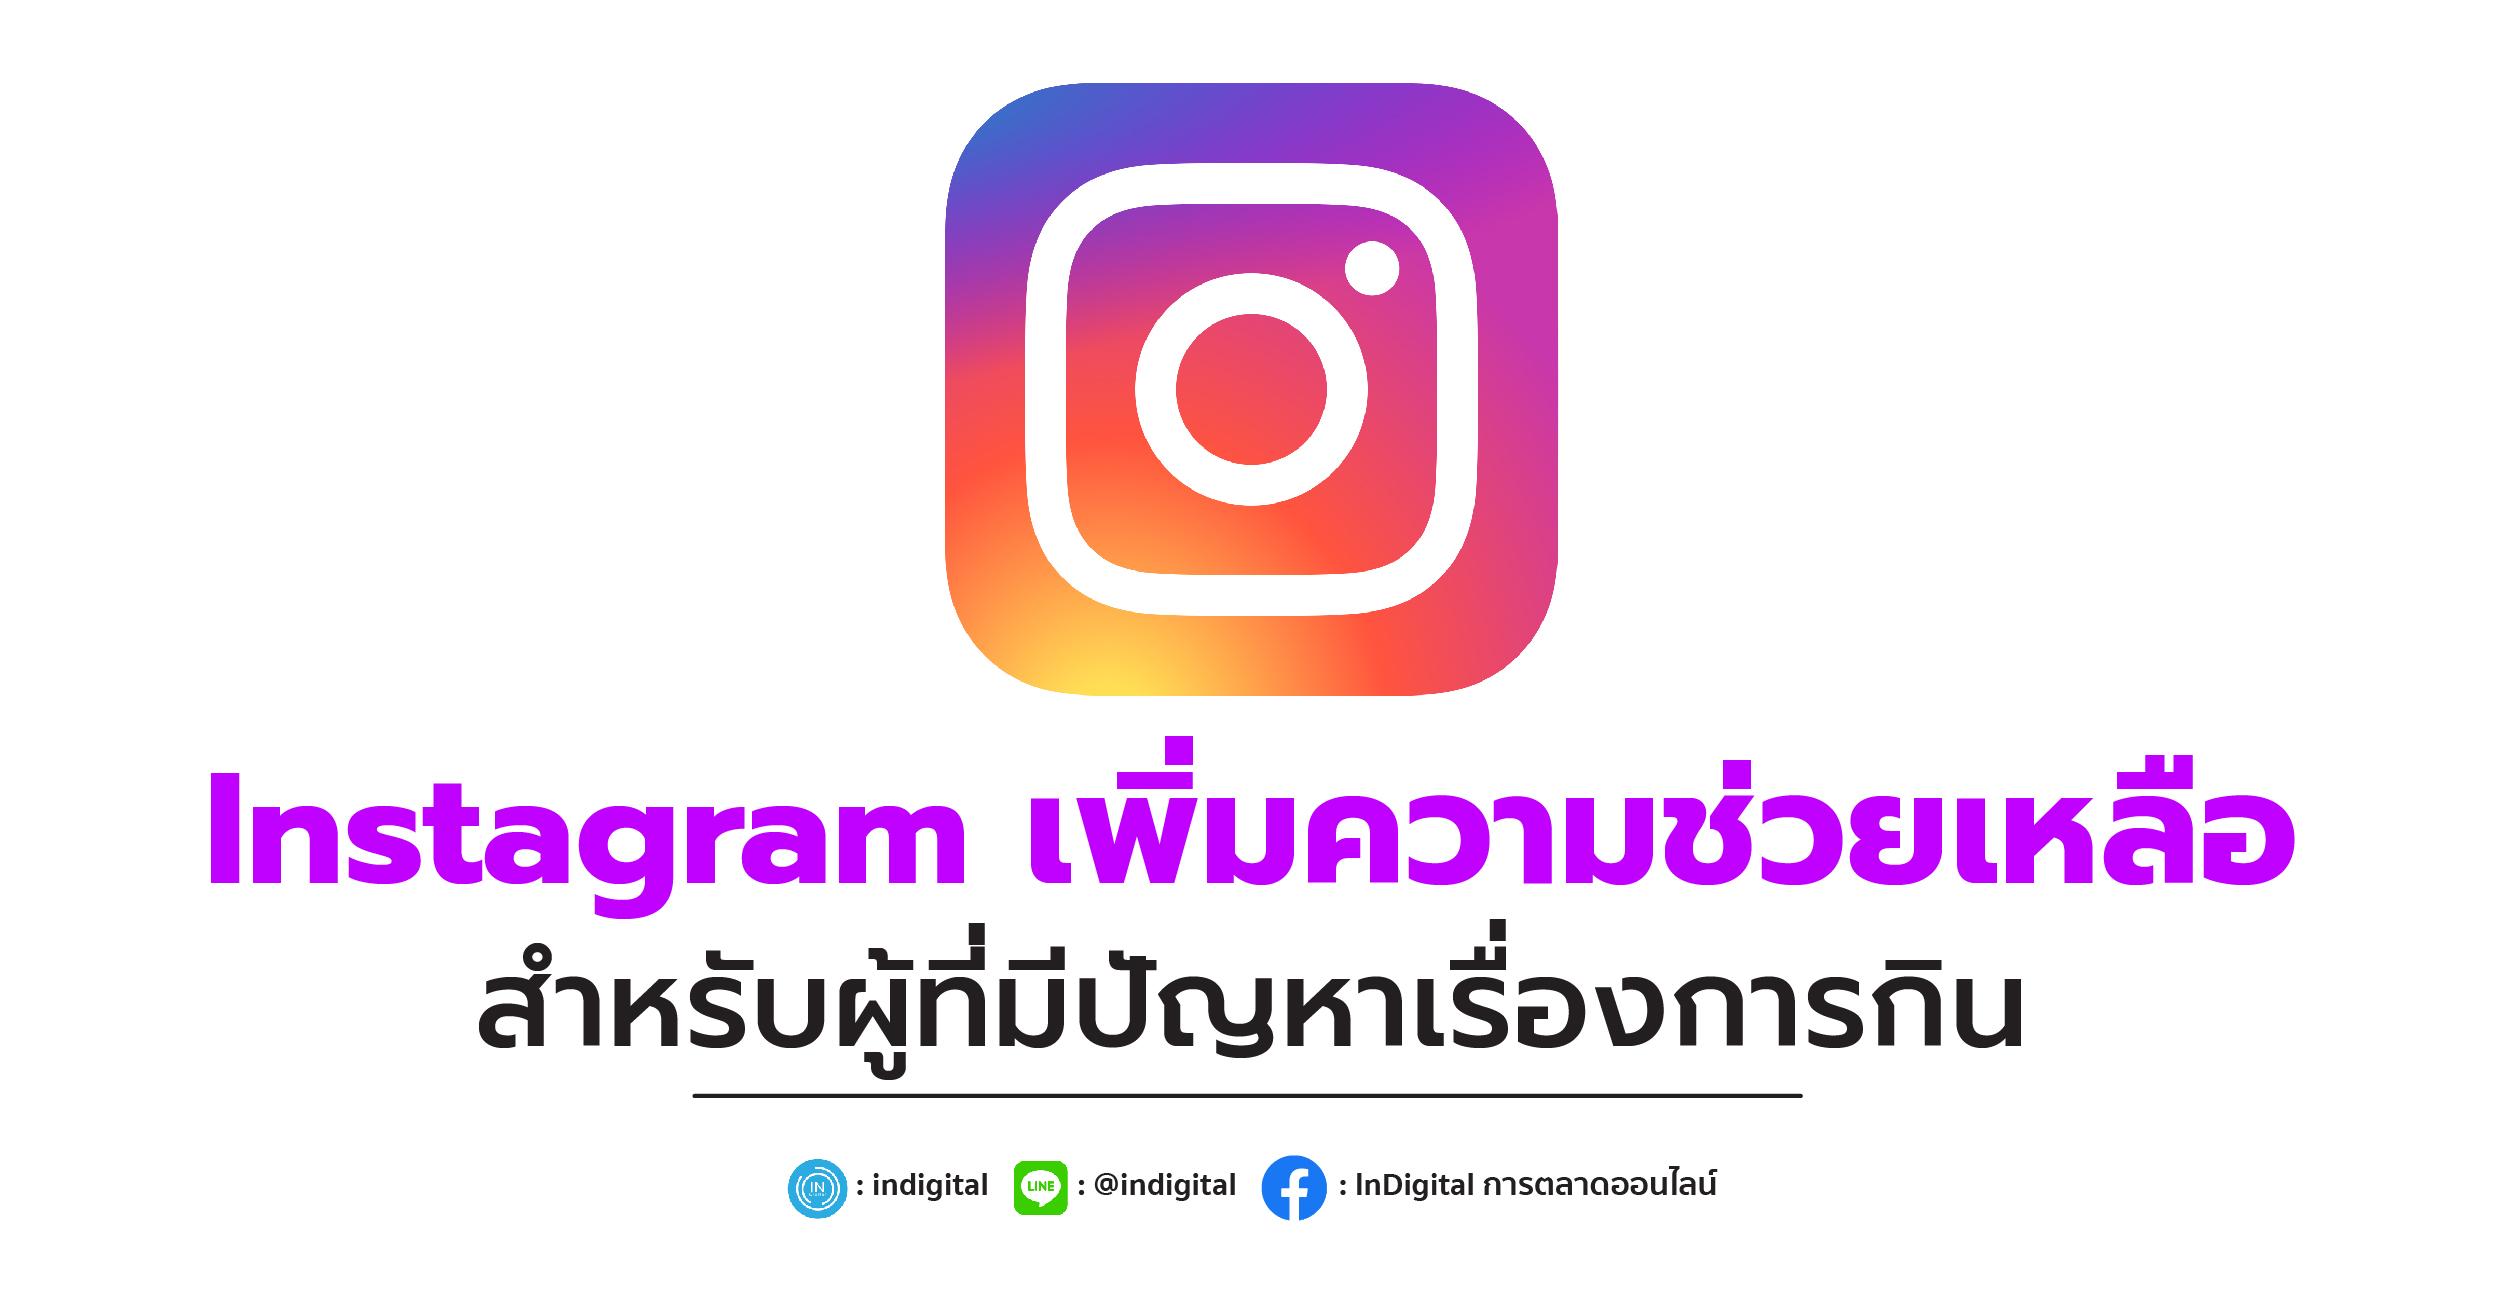 Instagram เพิ่มความช่วยเหลือสำหรับผู้ที่มีปัญหาเรื่องการกิน